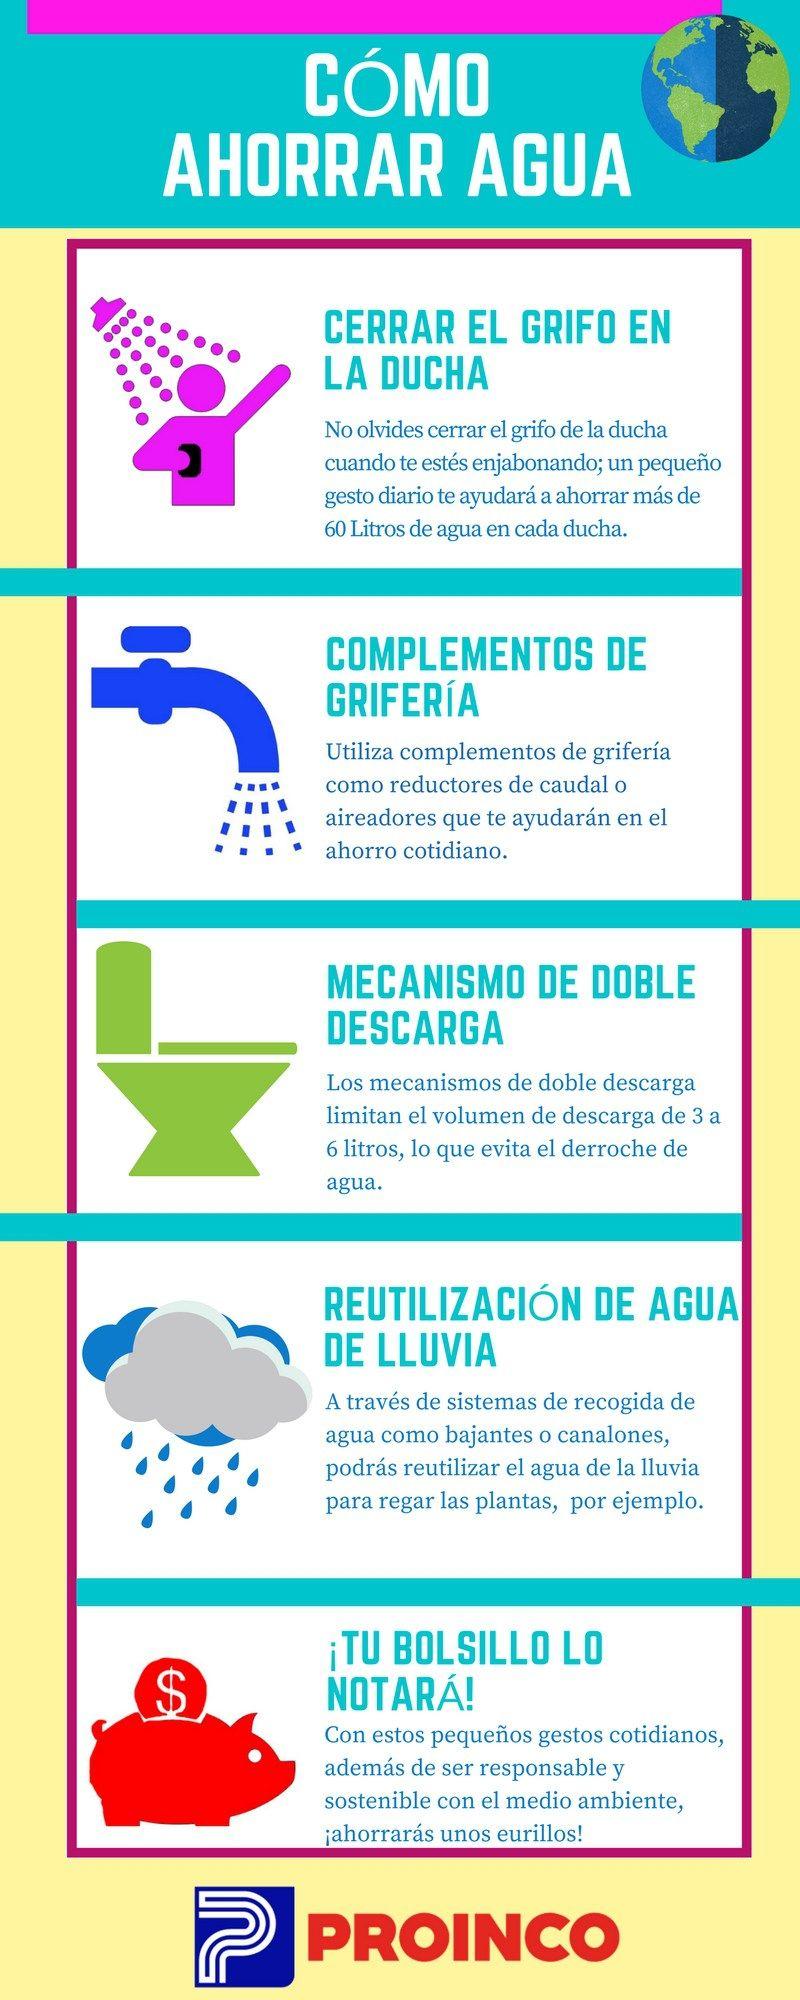 Infografia De Como Ahorrar Agua En Casa Ahorro De Agua Agua Litro De Agua